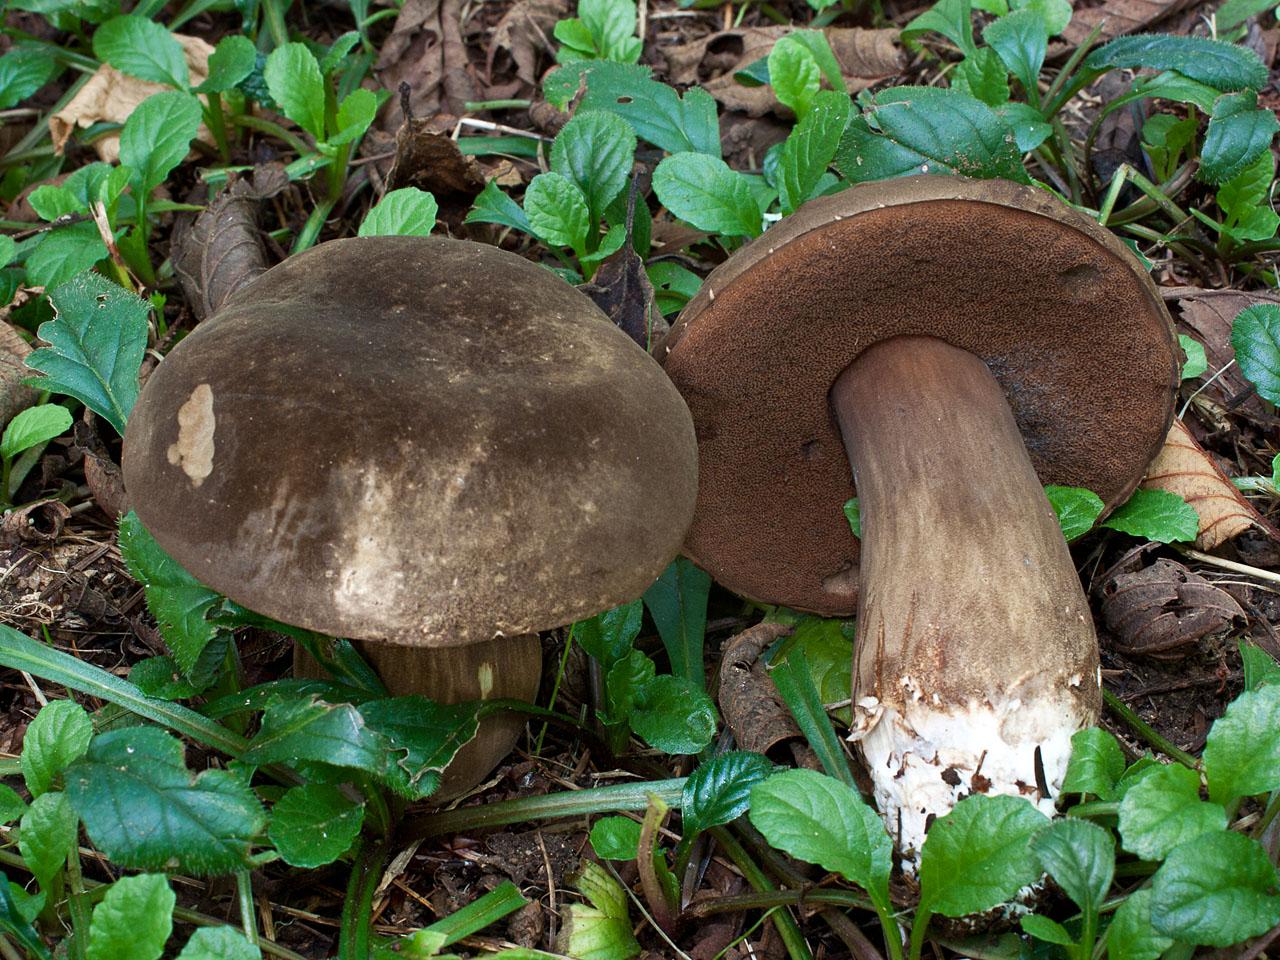 картинки или фото съедобных грибов господь